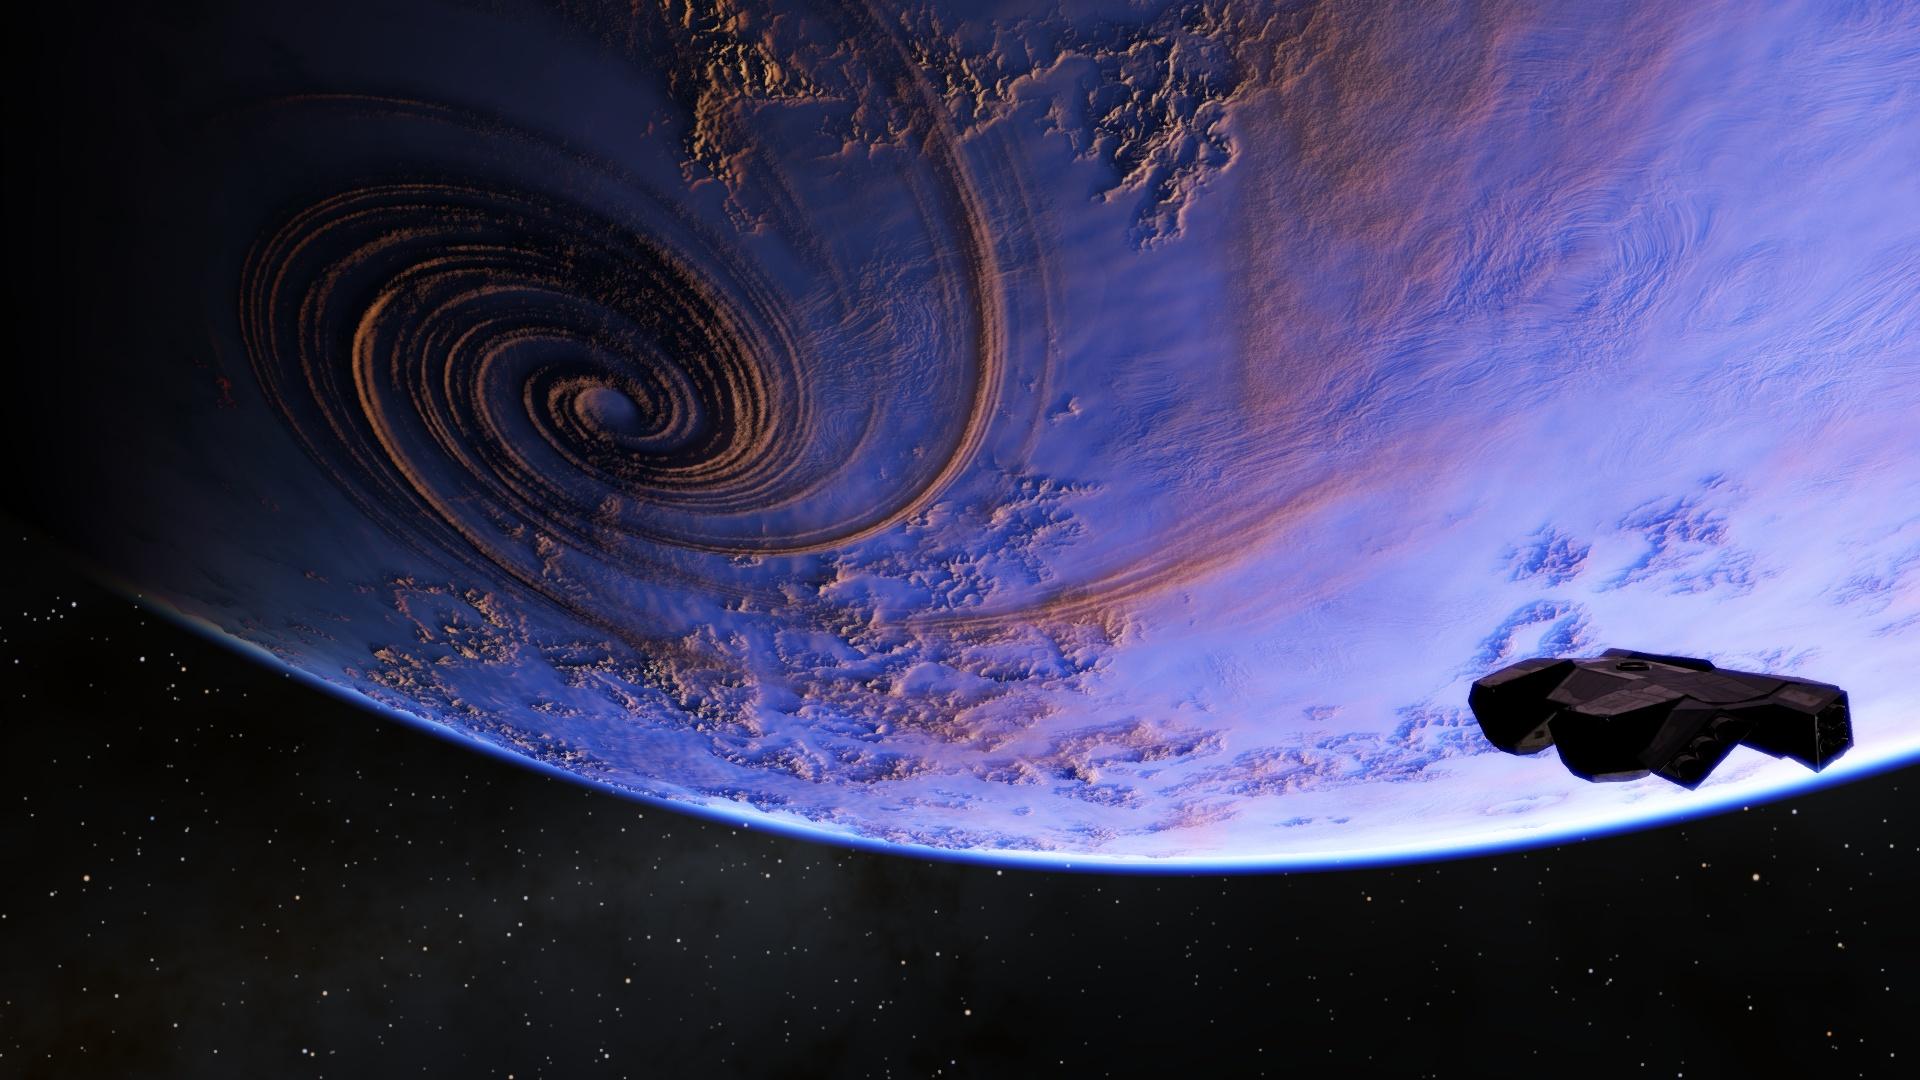 spaceengine吧_Astarshiporbitingaroundaplanet(SpaceEngine)HDWallpaper BackgroundImage